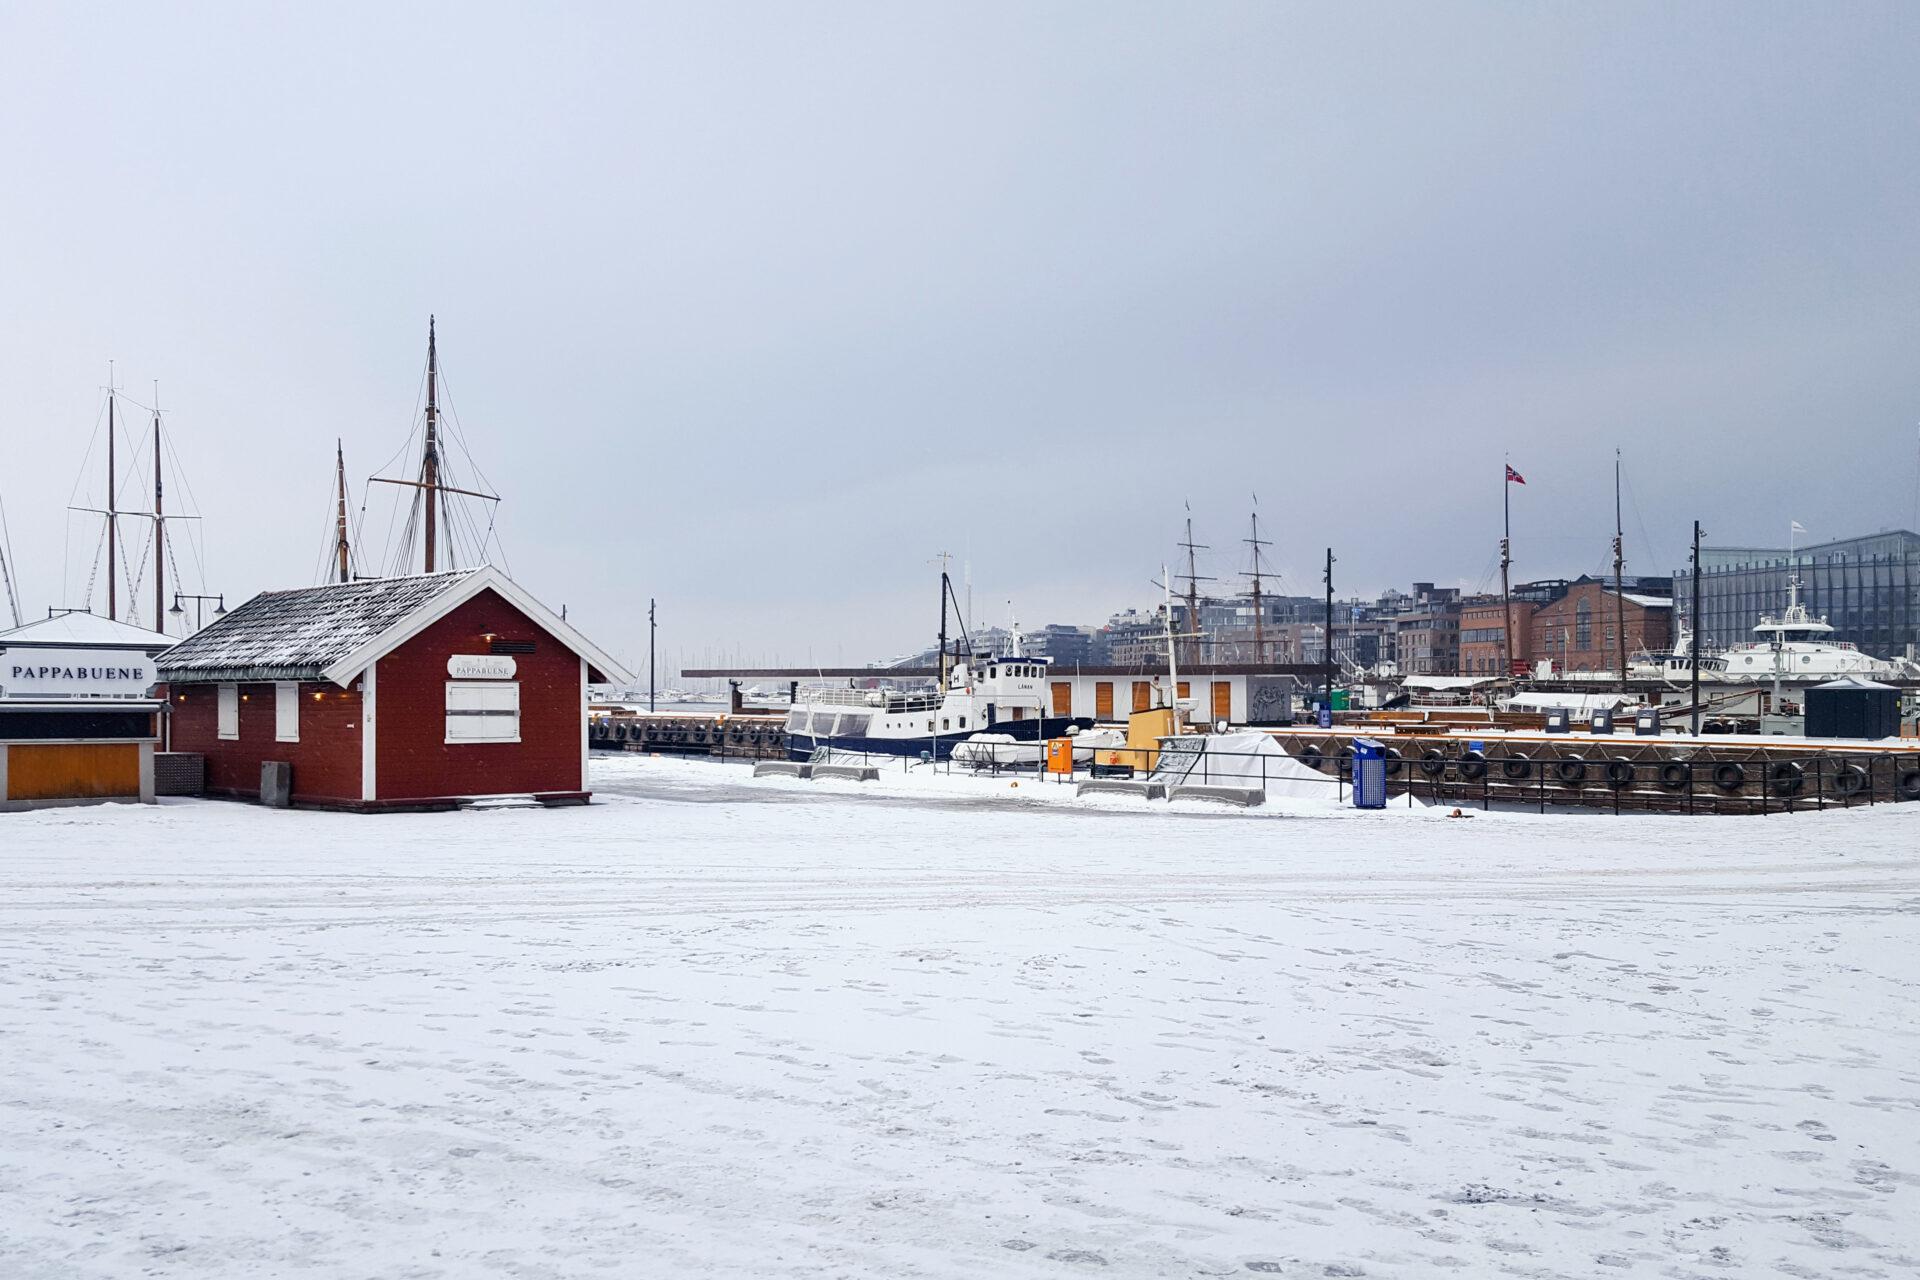 Verschneiter Hafen in Oslo, Norwegen